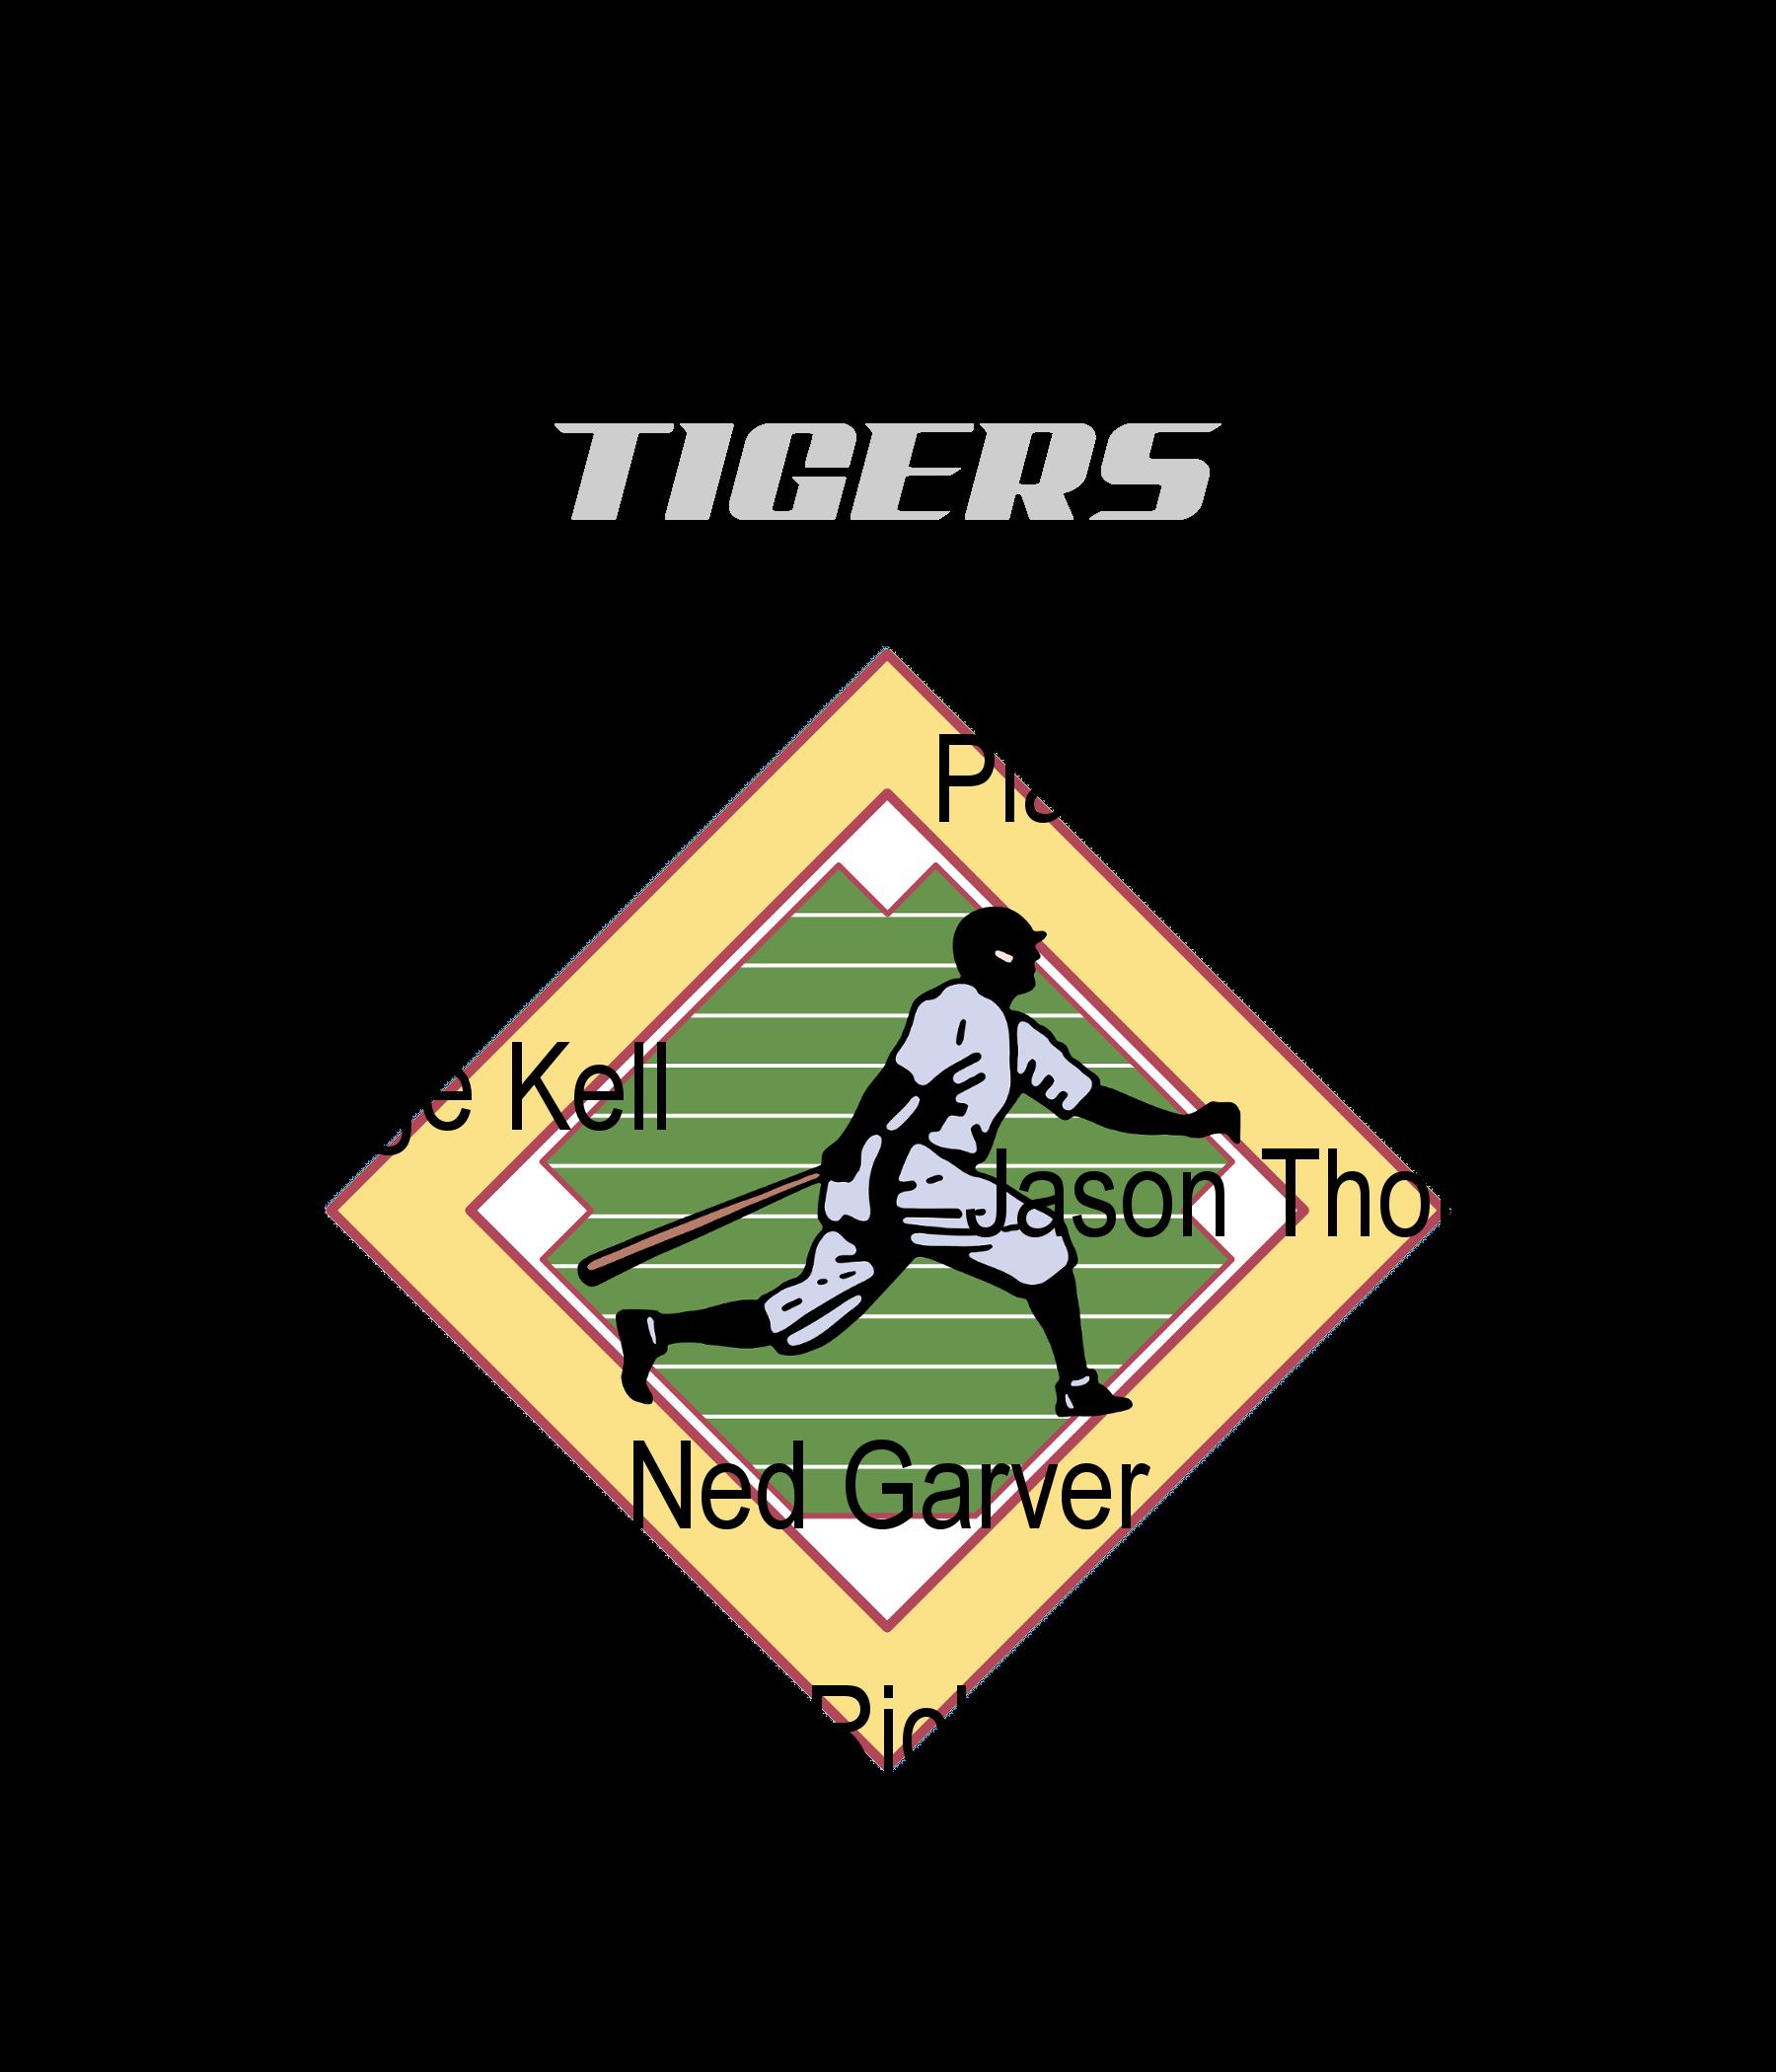 Detroit Tigers Best Fielders